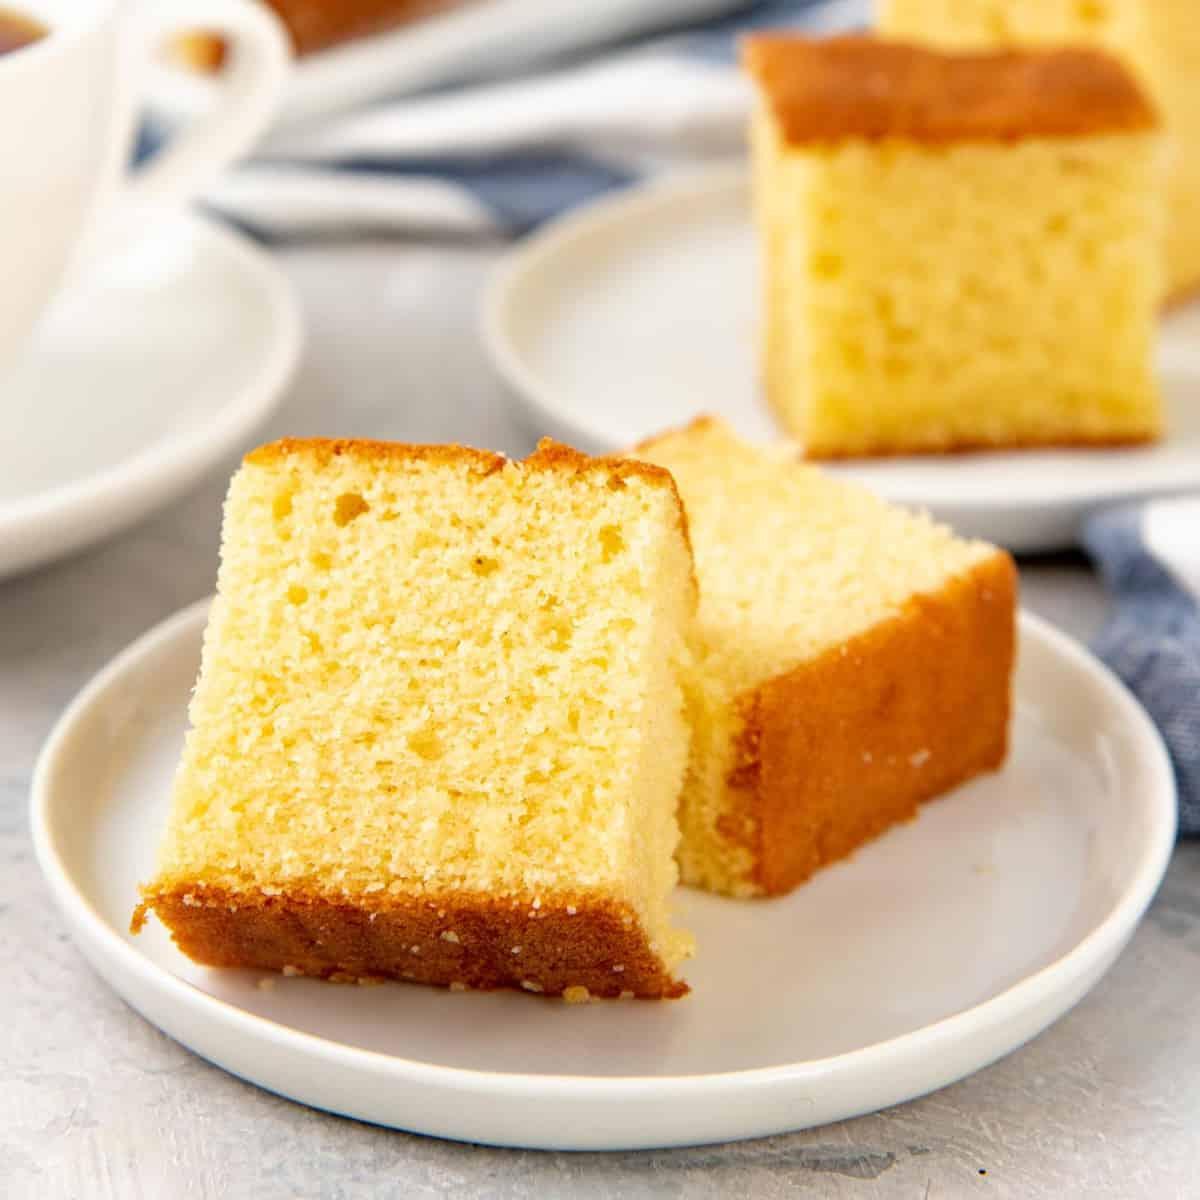 Sri-Lankan-Butter-Cake-SM-9023.jpg